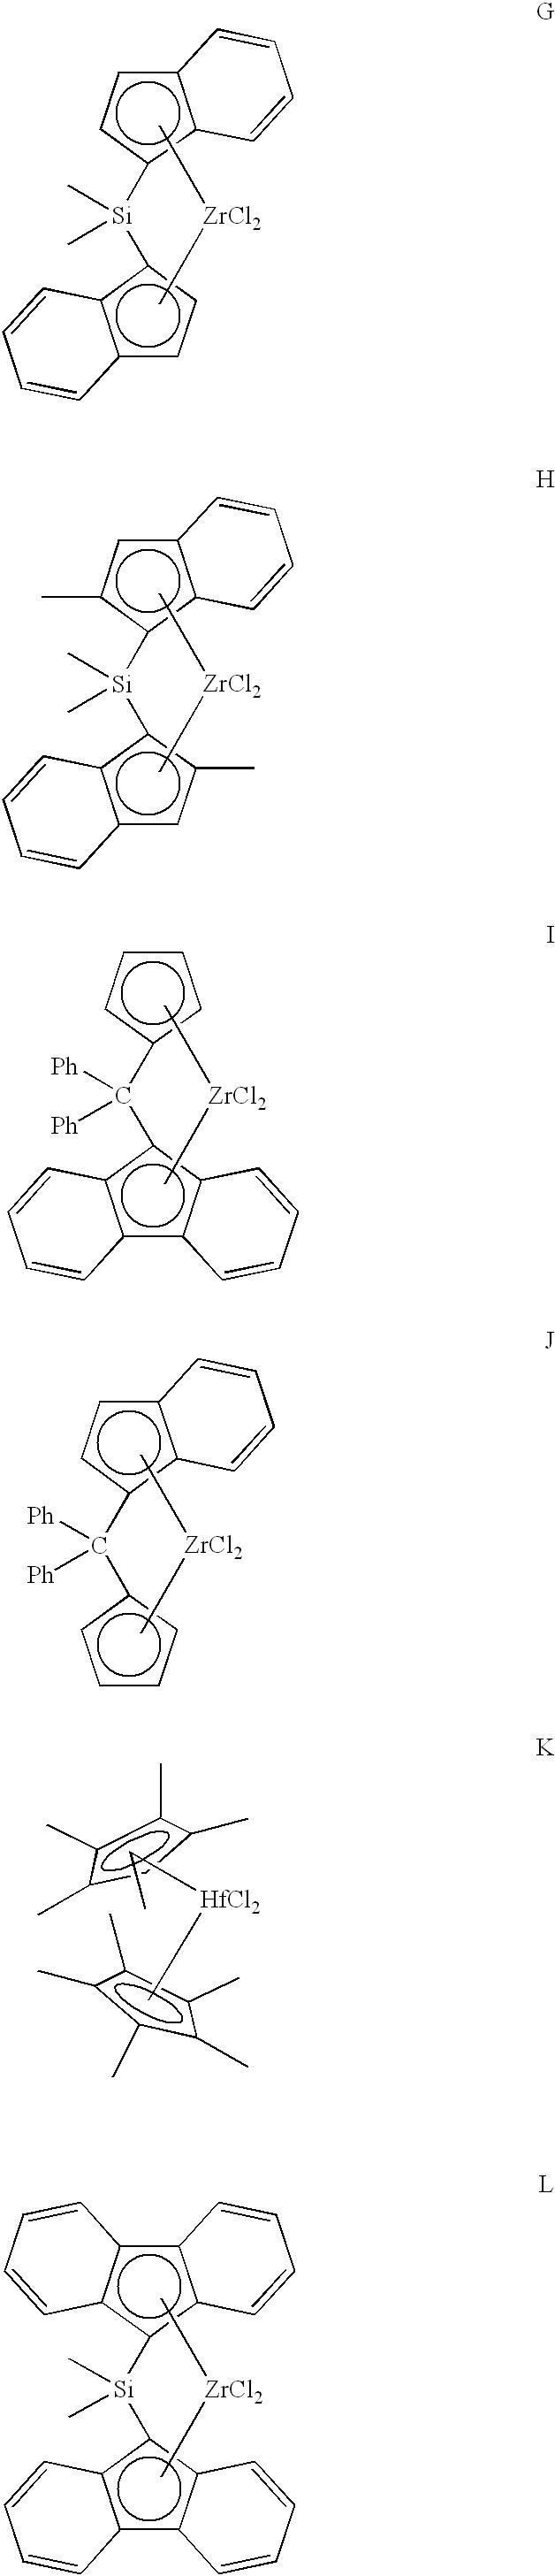 Figure US06423848-20020723-C00035